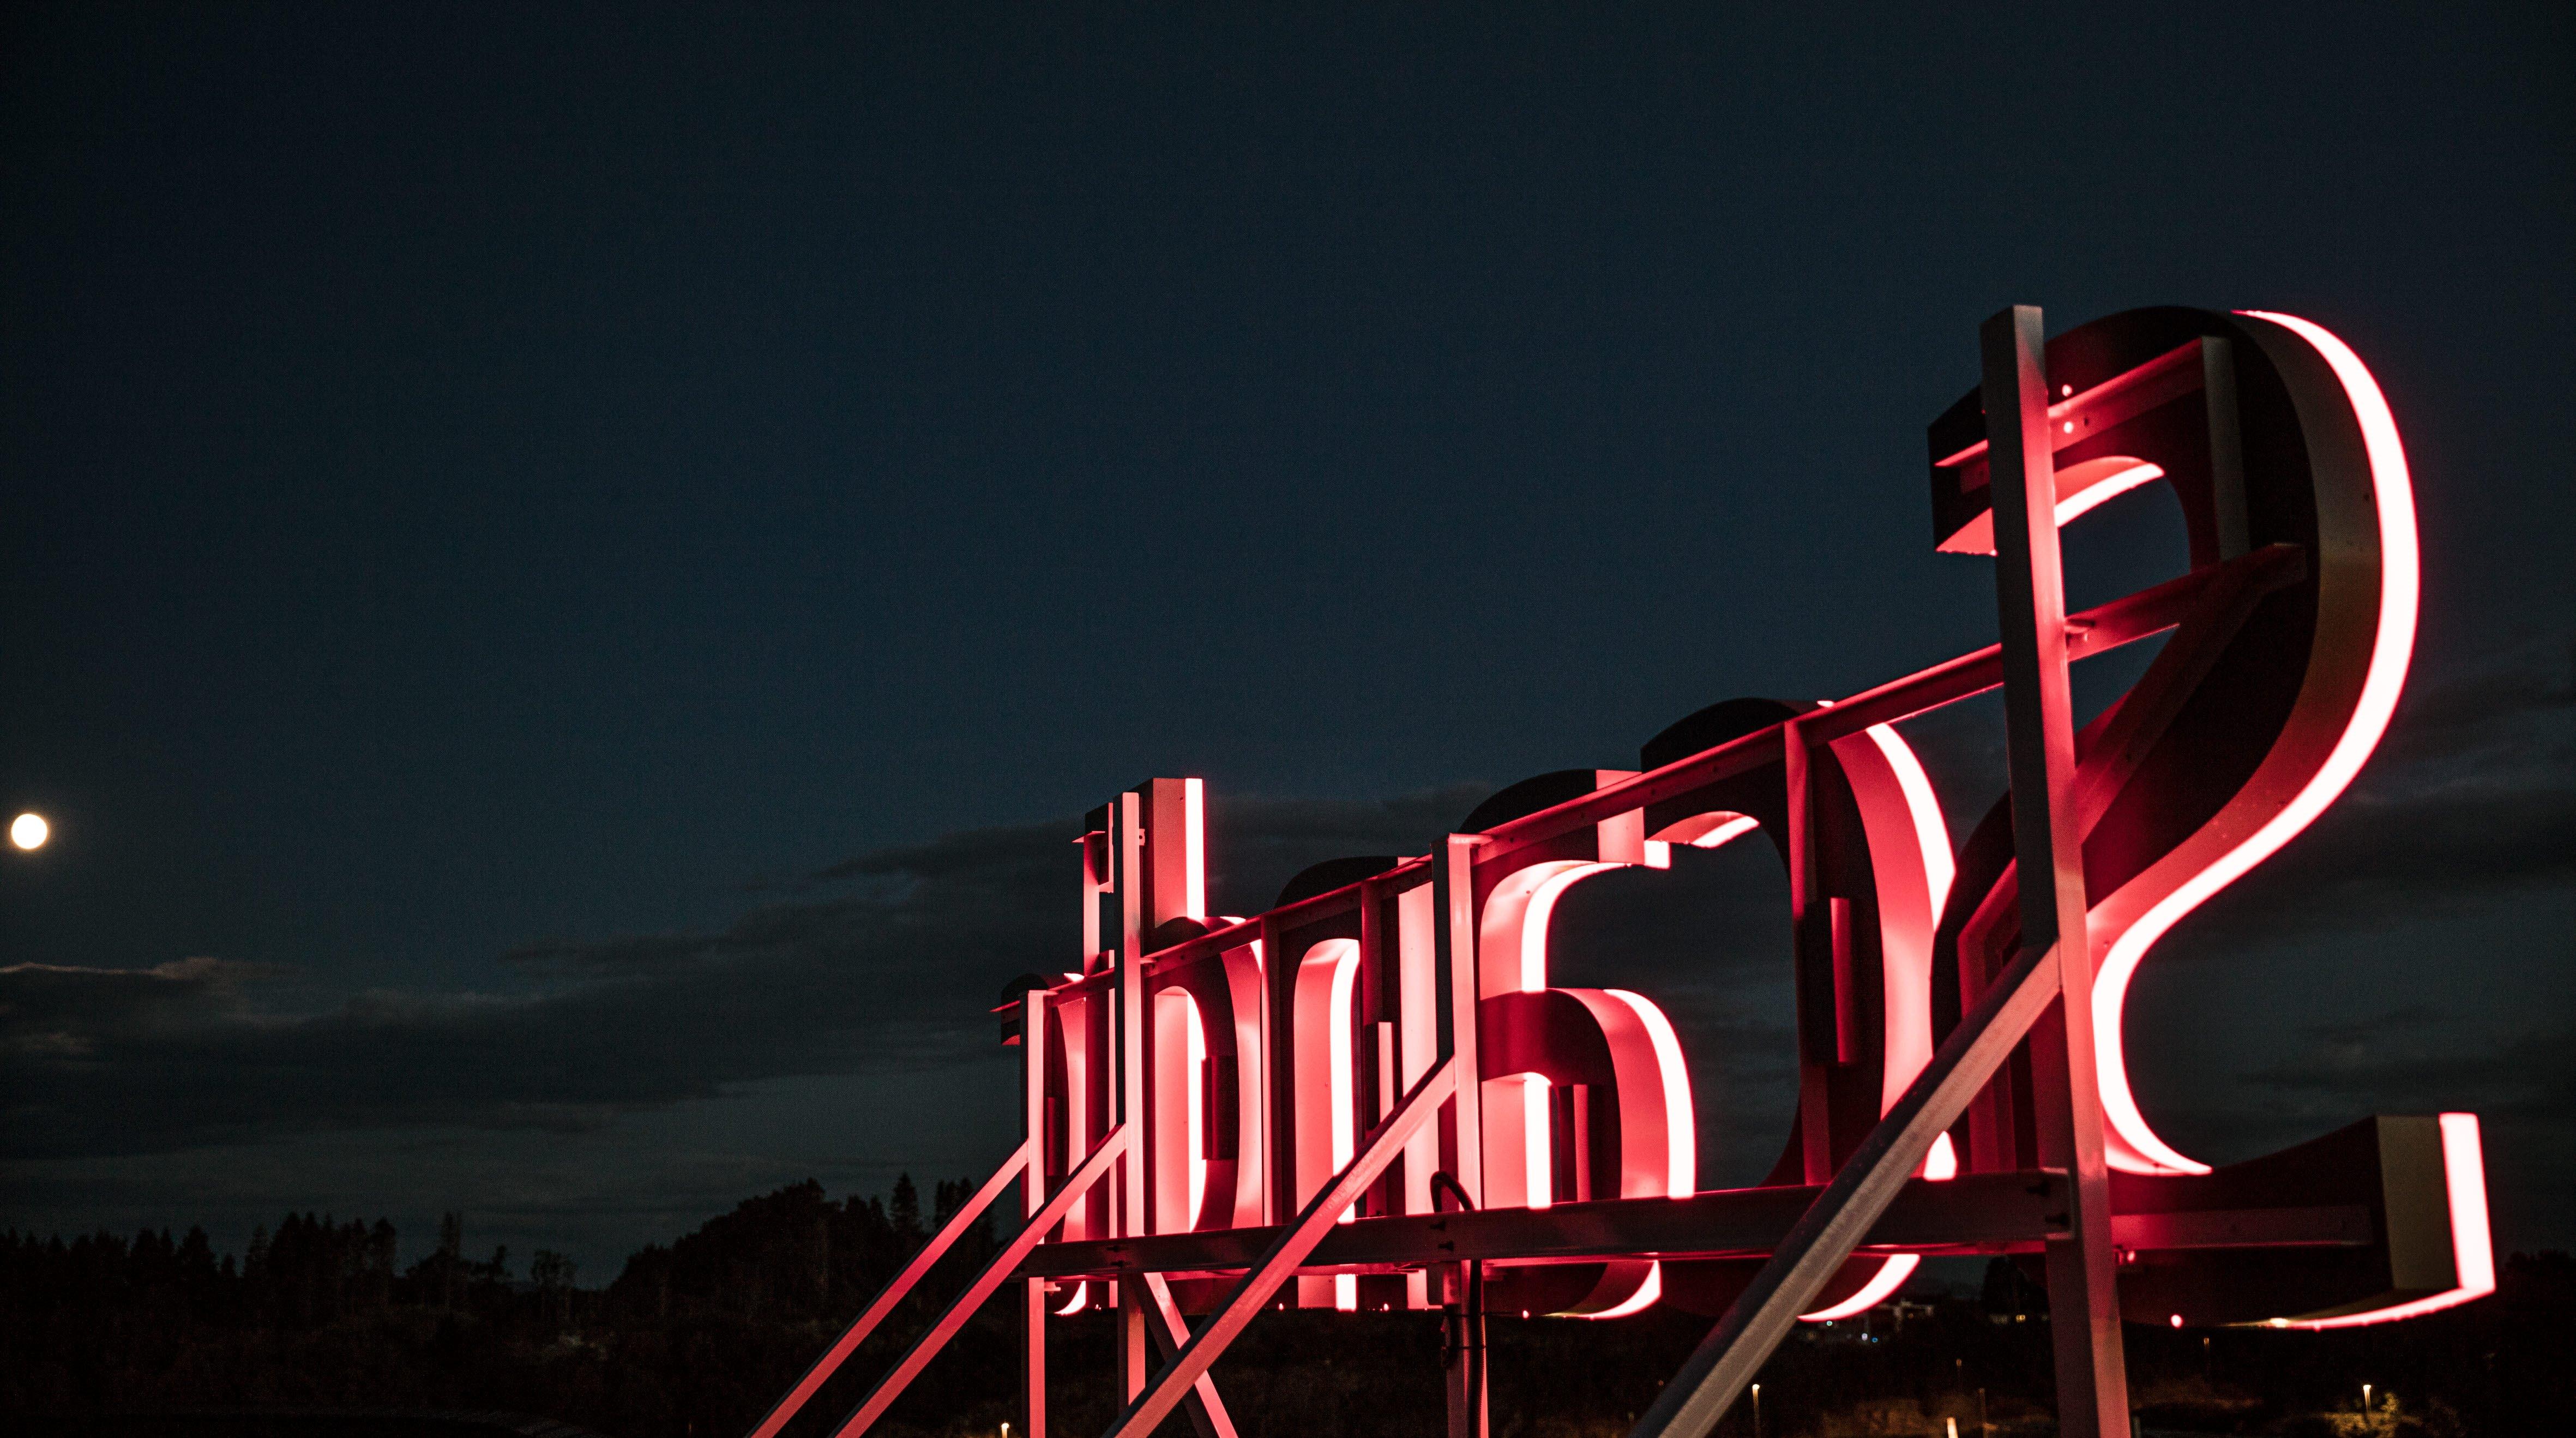 Scandics velkendte logo på toppen af et af koncernes hoteller. (Foto: Scandic Hotels)